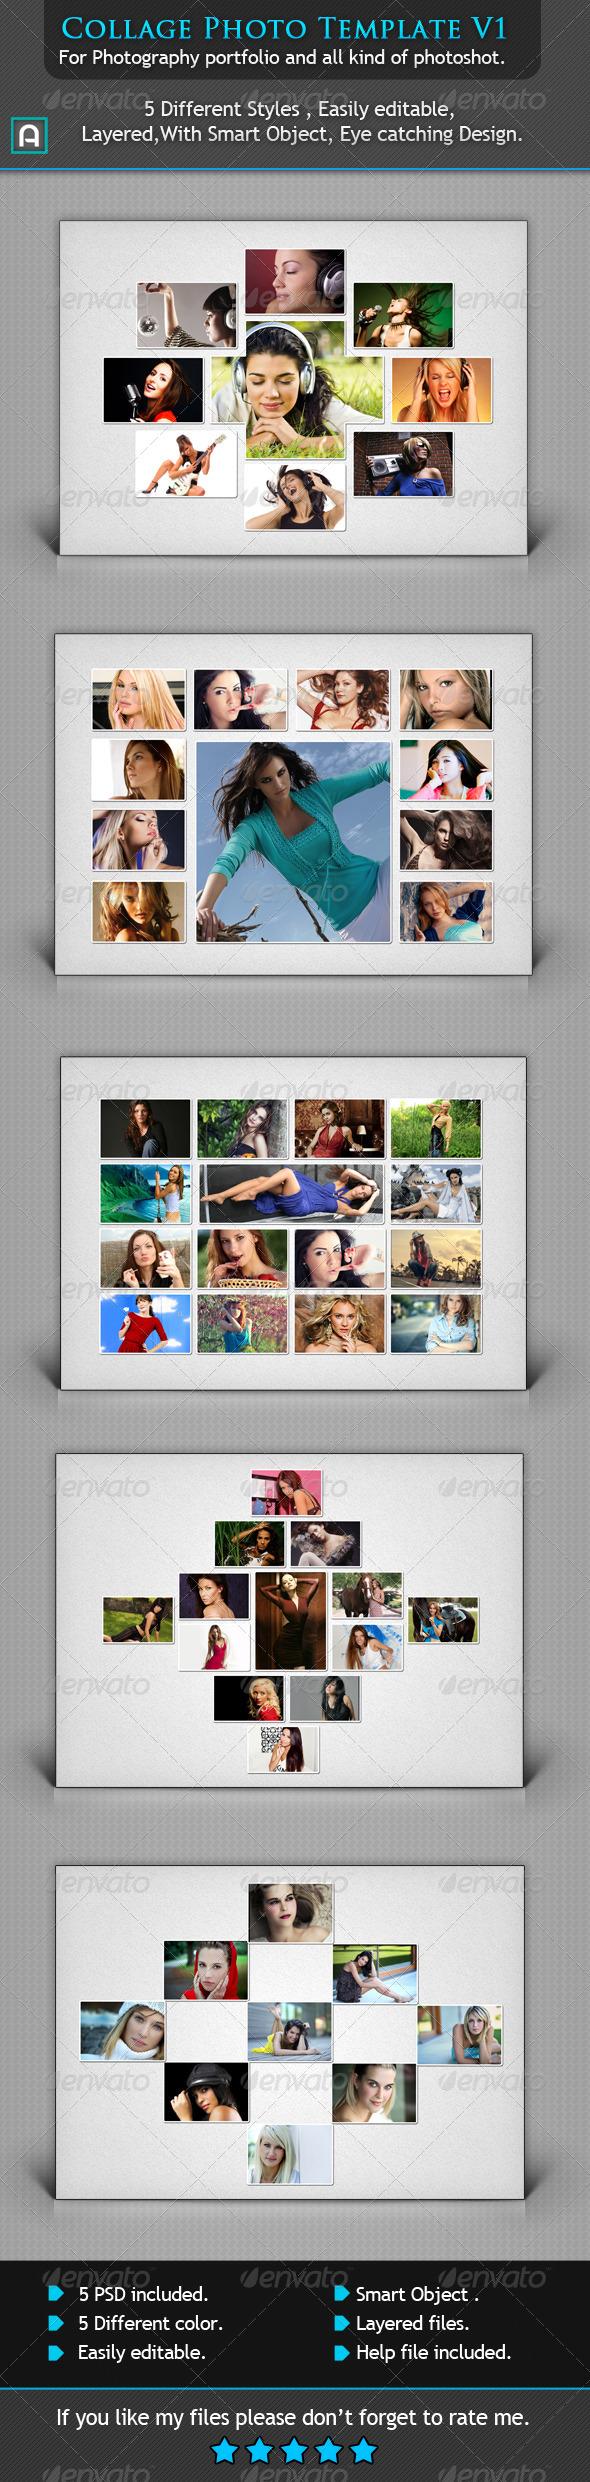 GraphicRiver Collage Photo Template V1 6594557